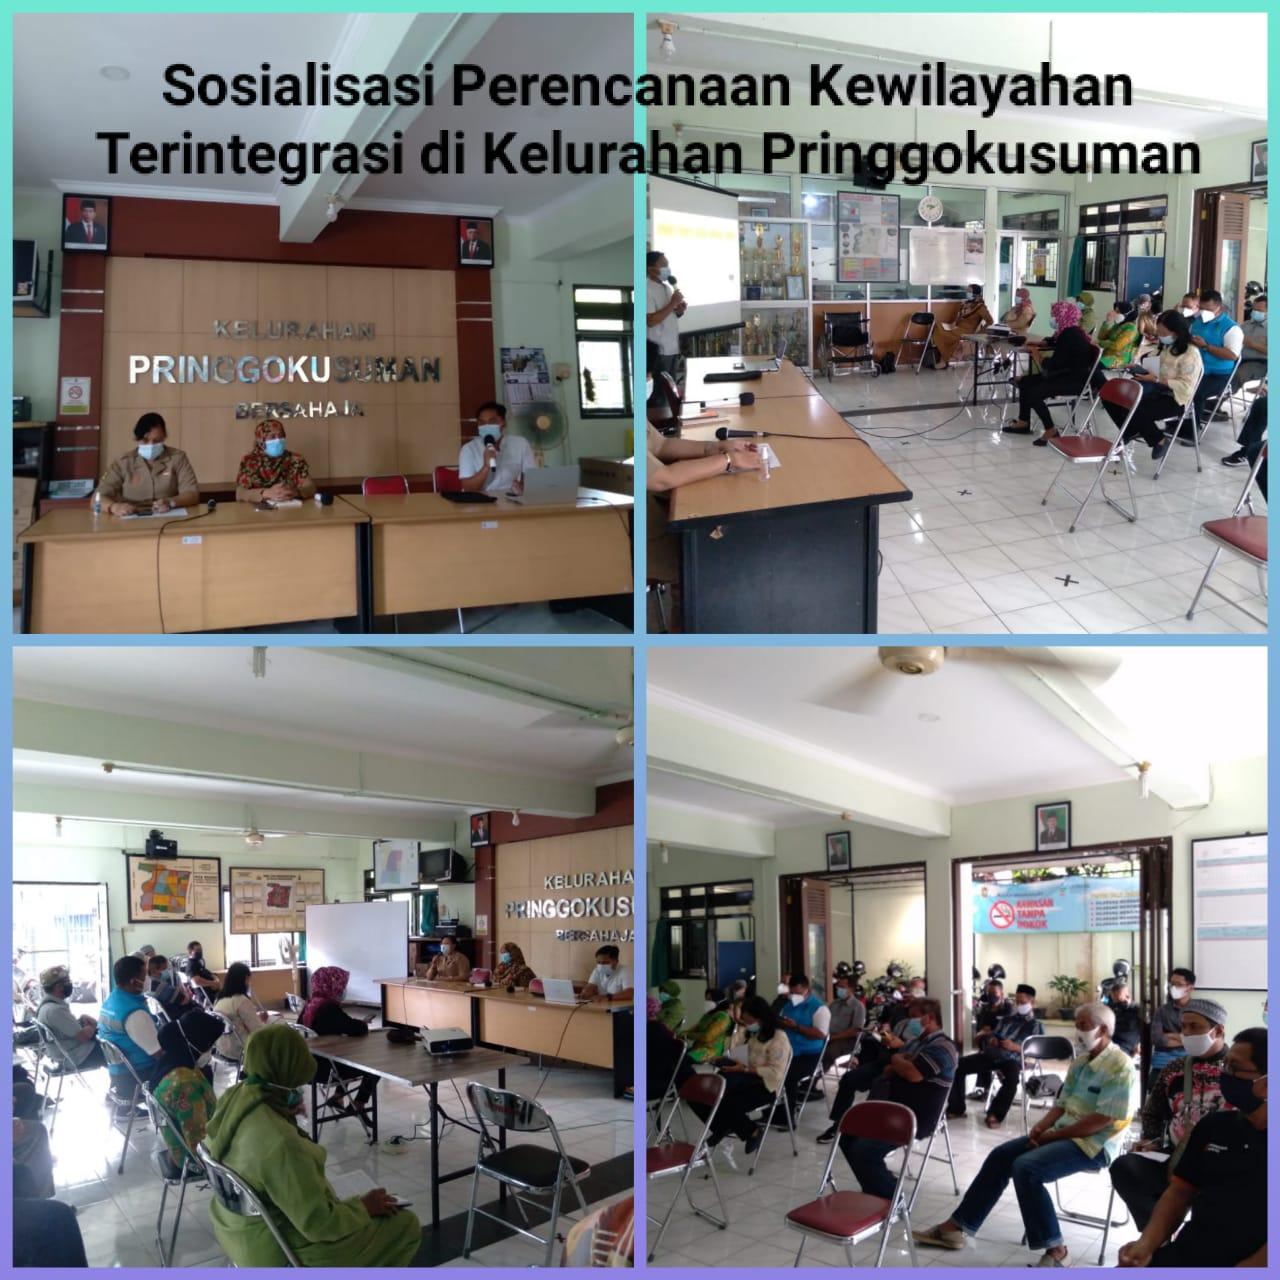 Sosialisasi Perencanaan Kewilayahan Terintegrasi di Kelurahan Pringgokusuman